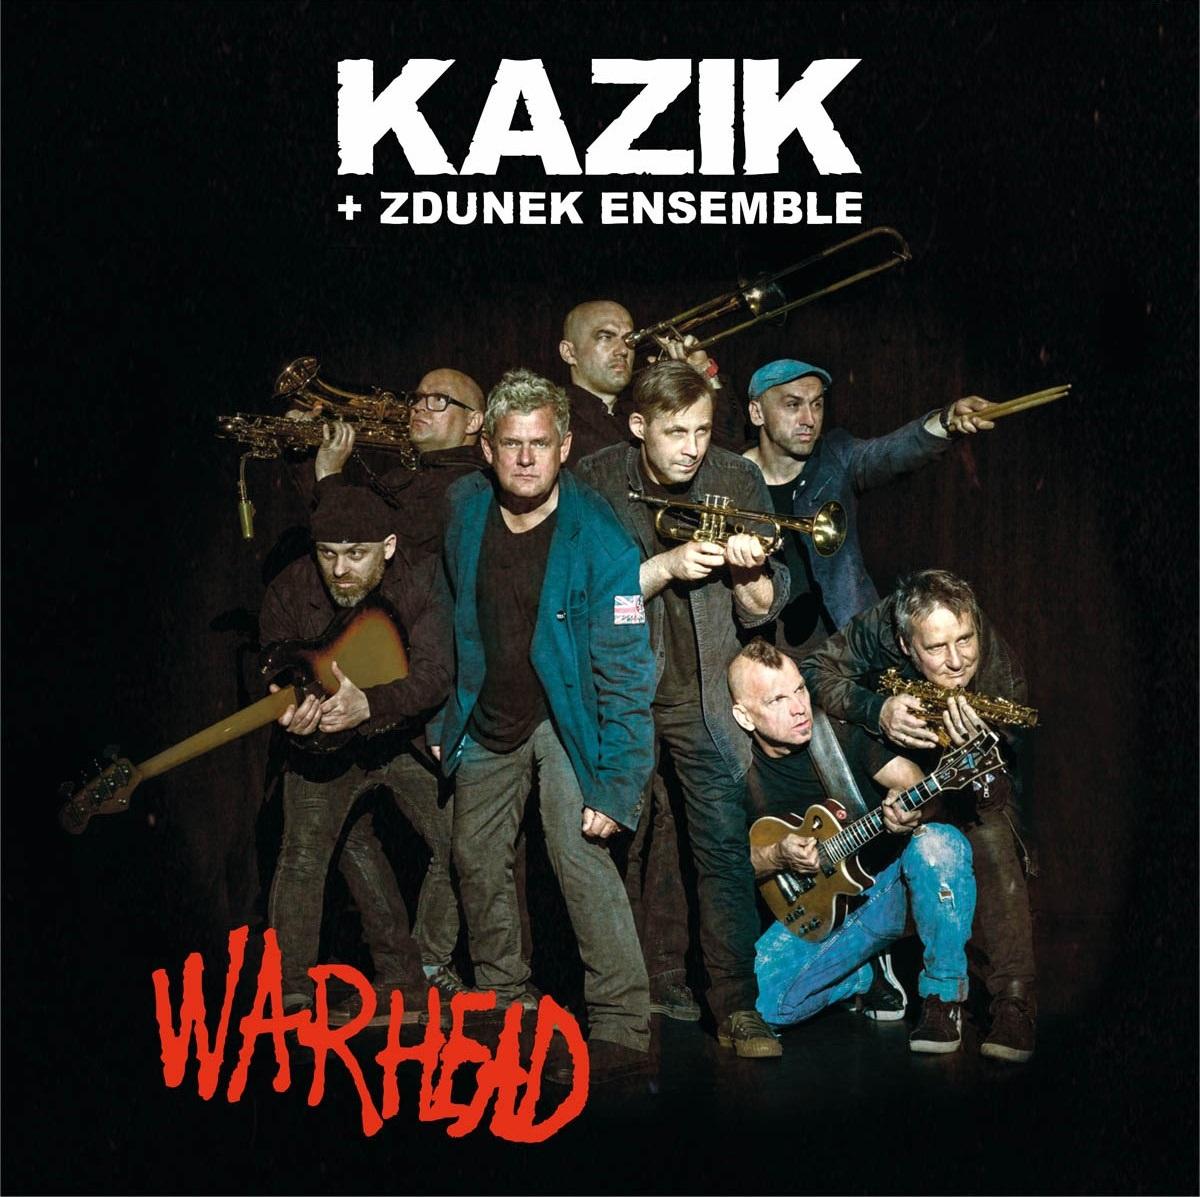 kazik-zdunek-ensemble-warhead-cd-preorder-